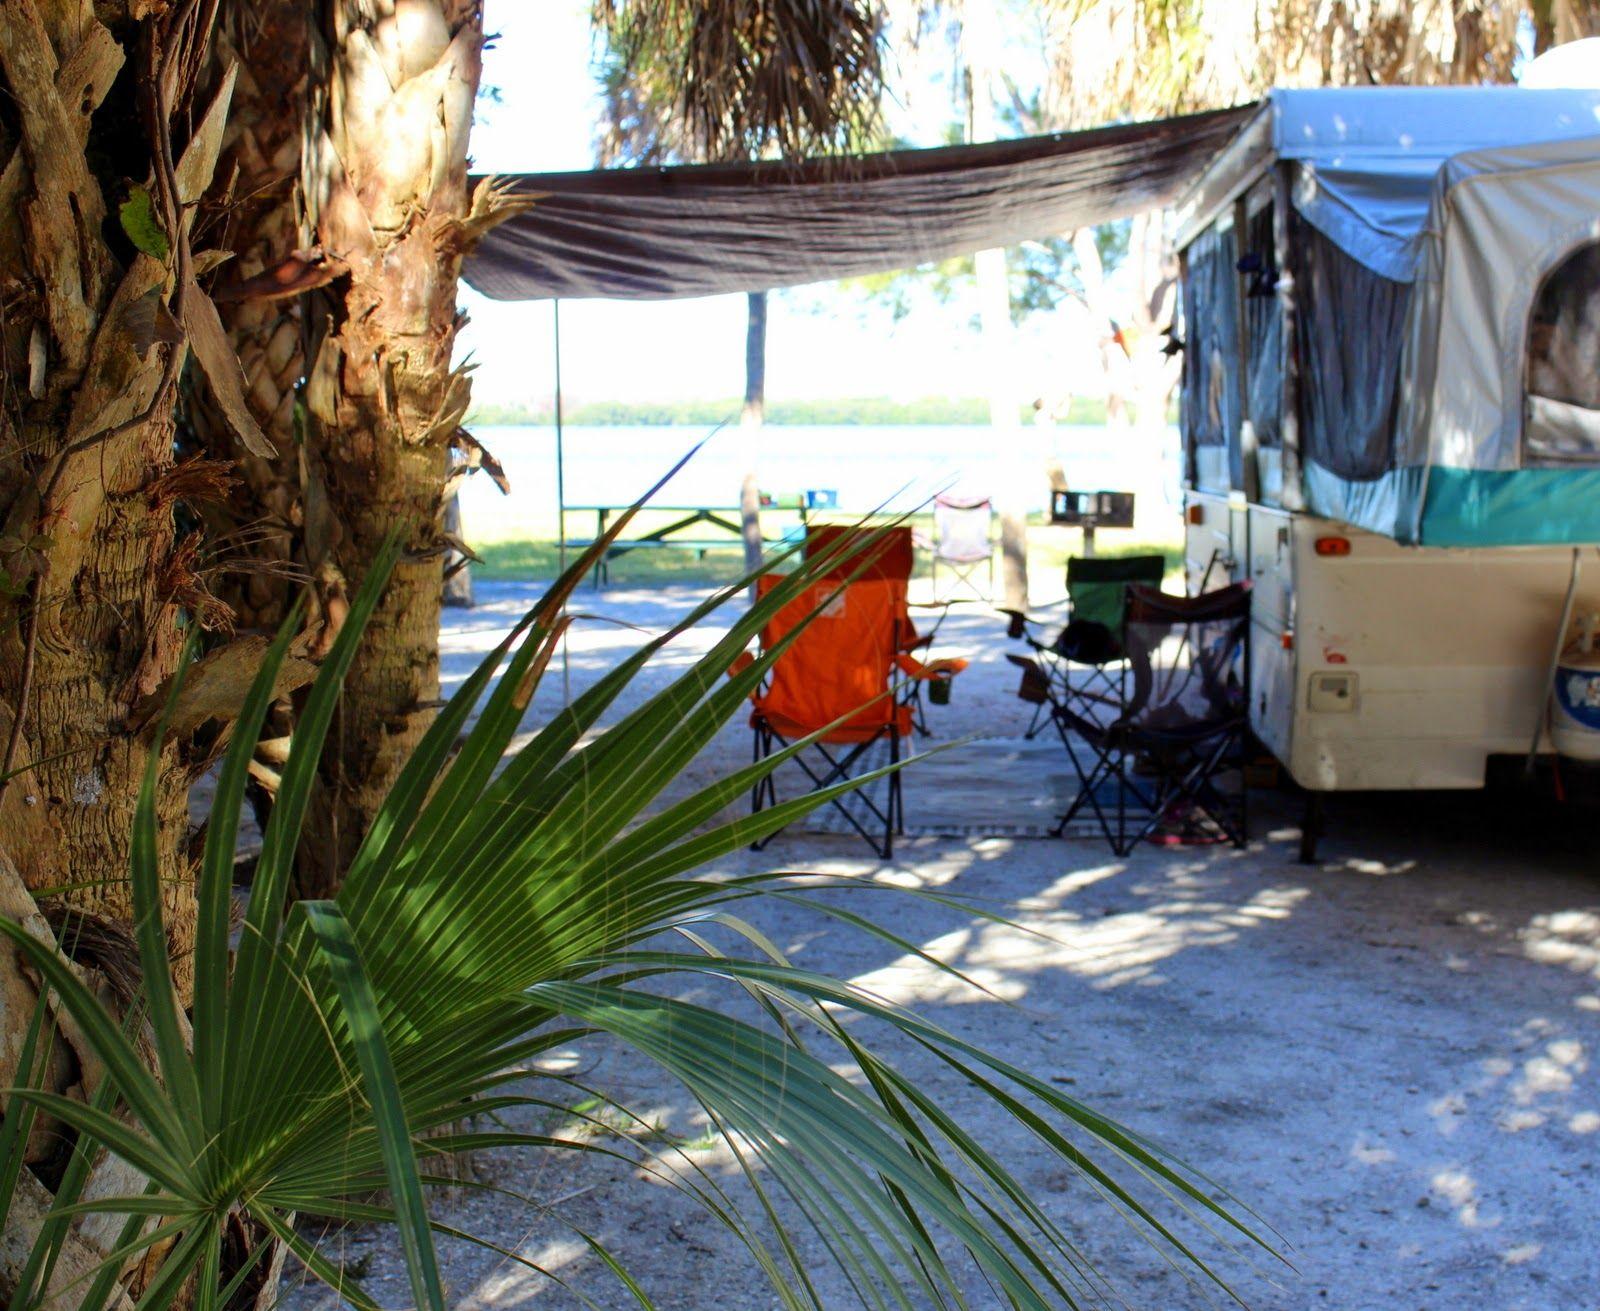 DIY inexpensive Pop Up camper awning | Diy awning, Pop up ...